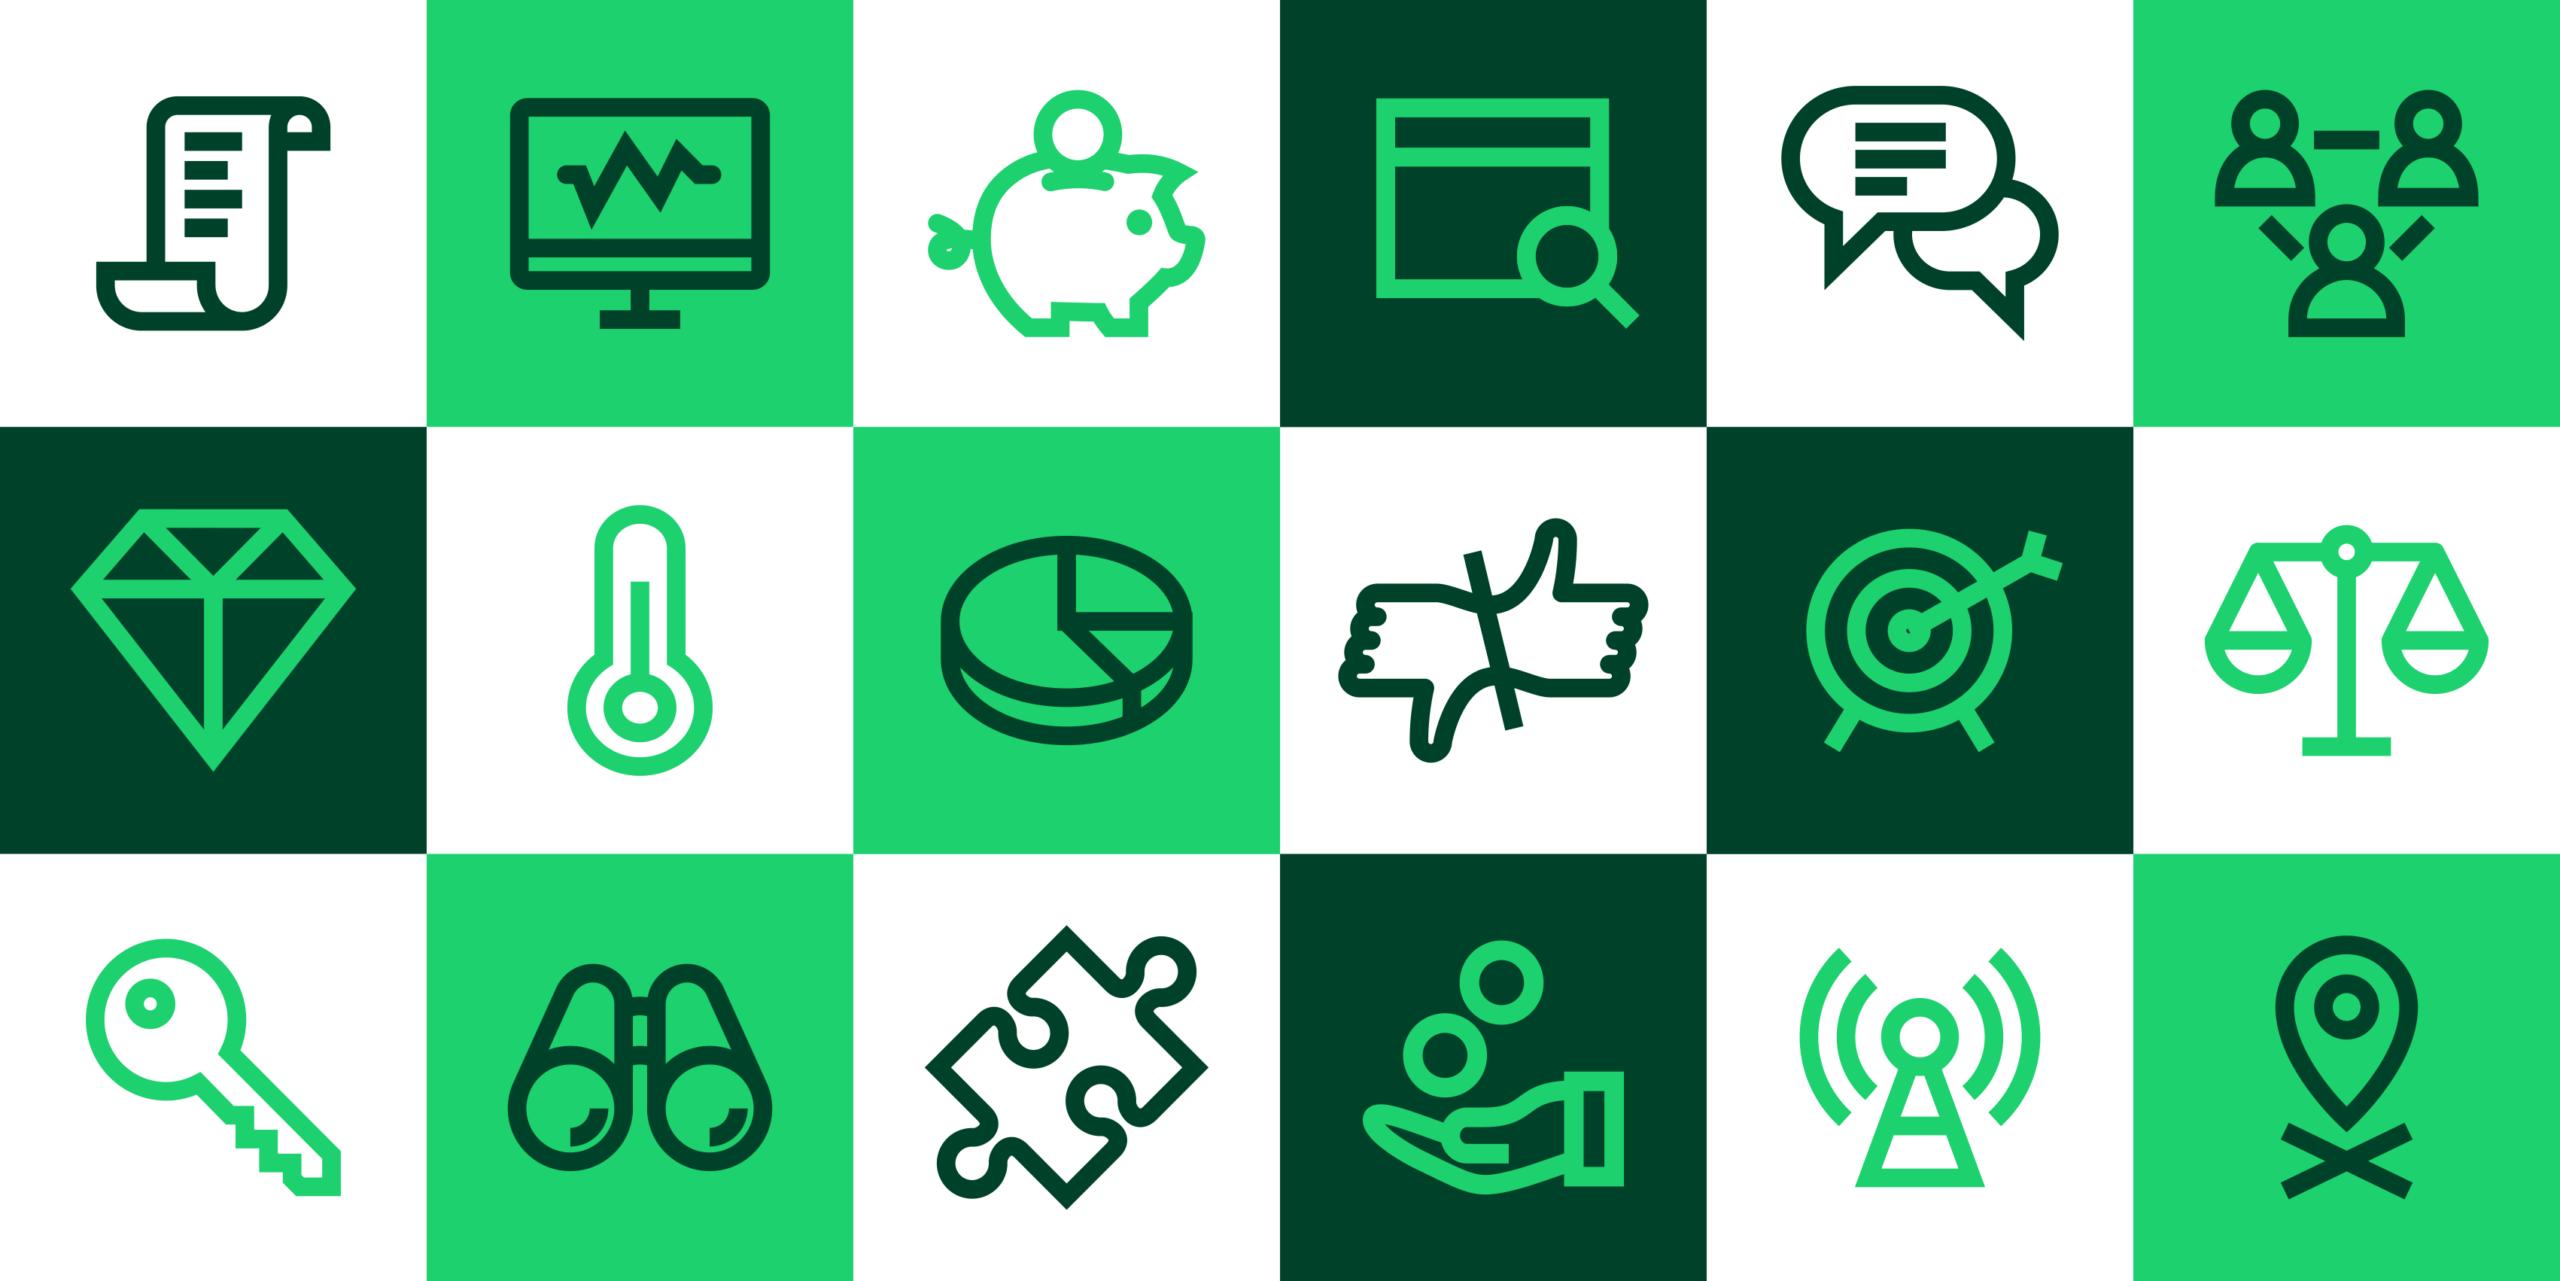 Responsive-online-magazine-jaarverslag-kansfonds-digitaal-jaarverslag-dutchgiraffe-iconen